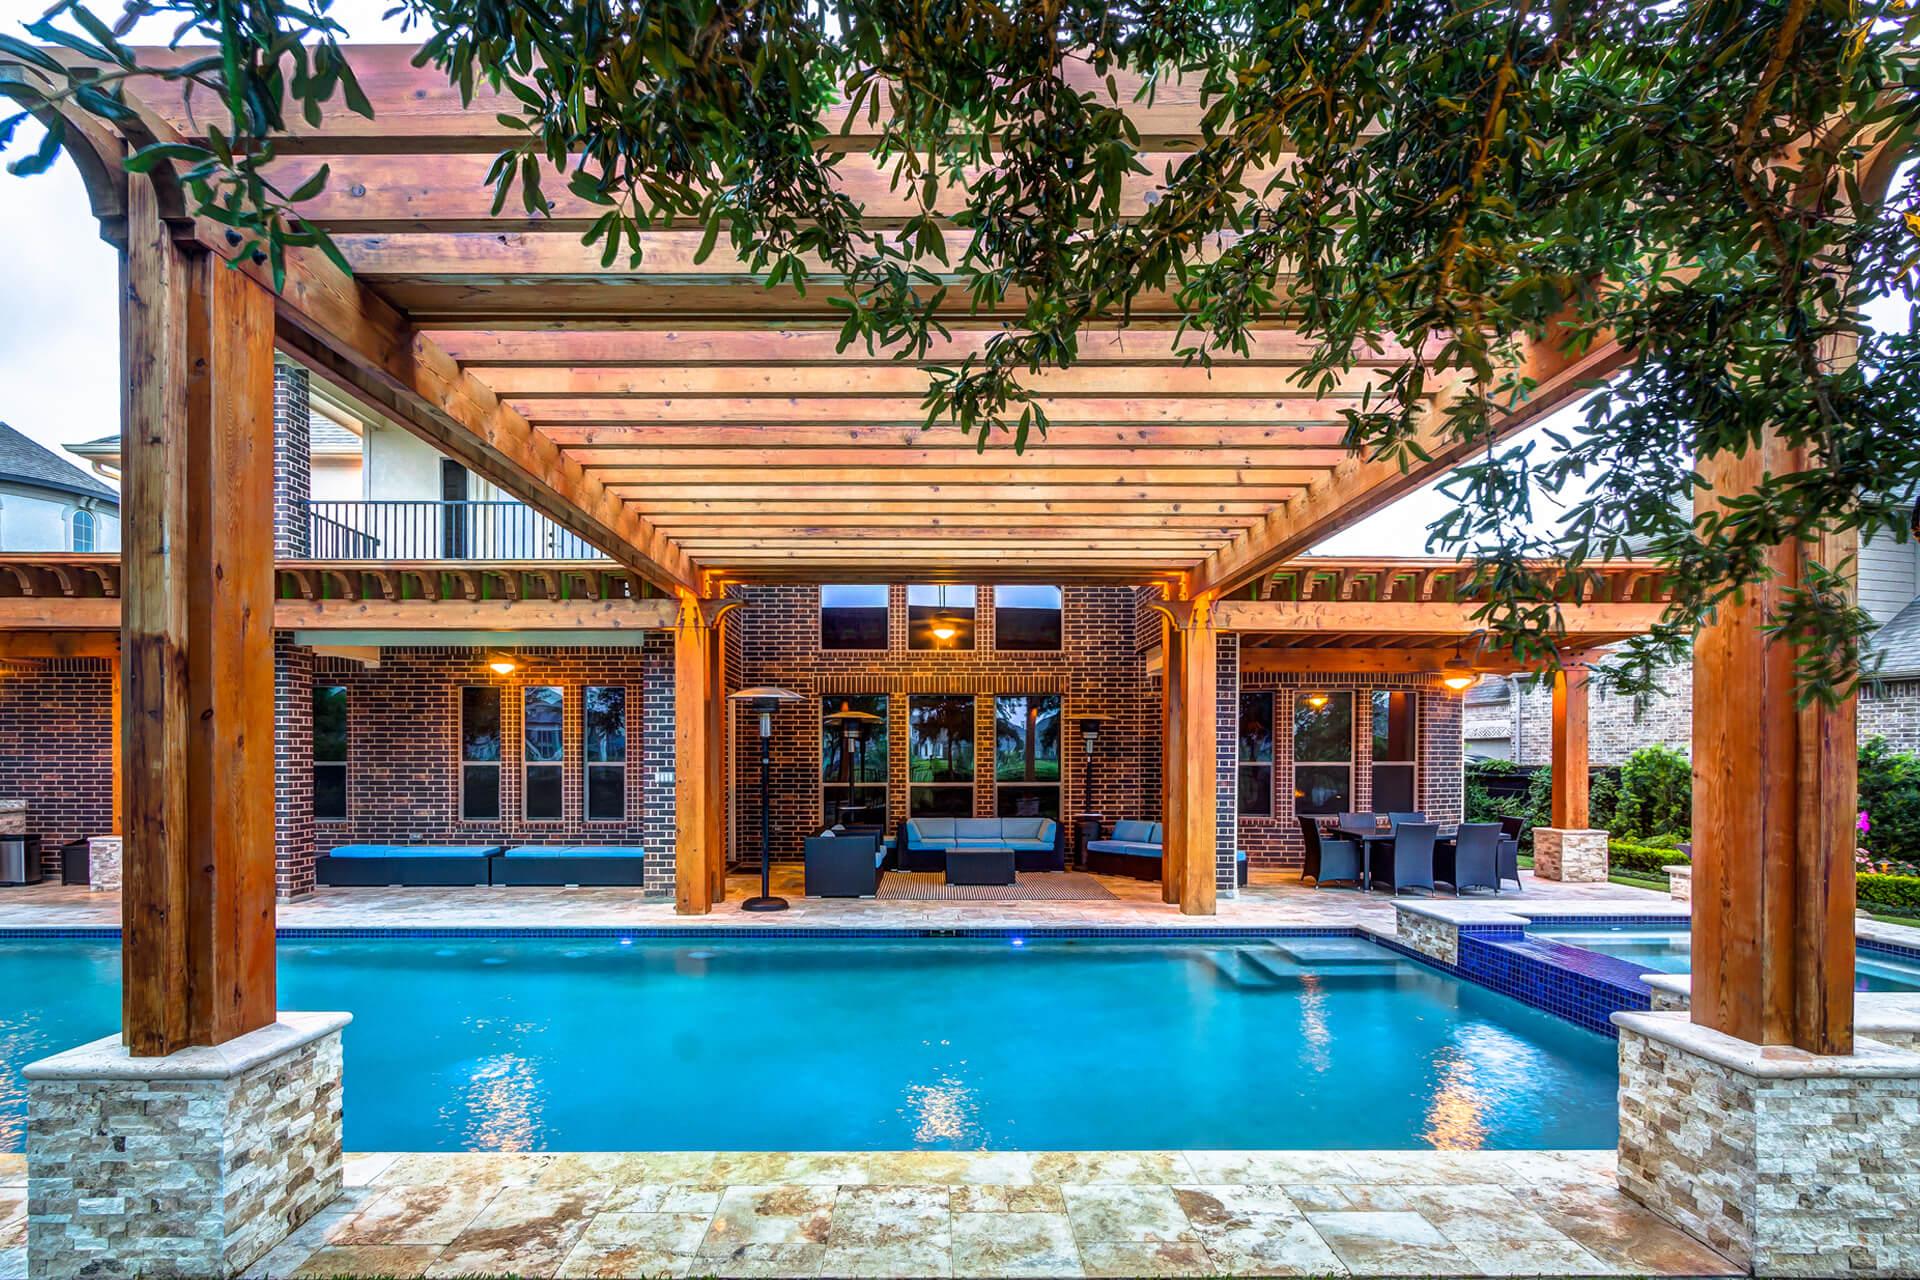 Creekstone Outdoor Living Custom Pergolas in Houston, TX